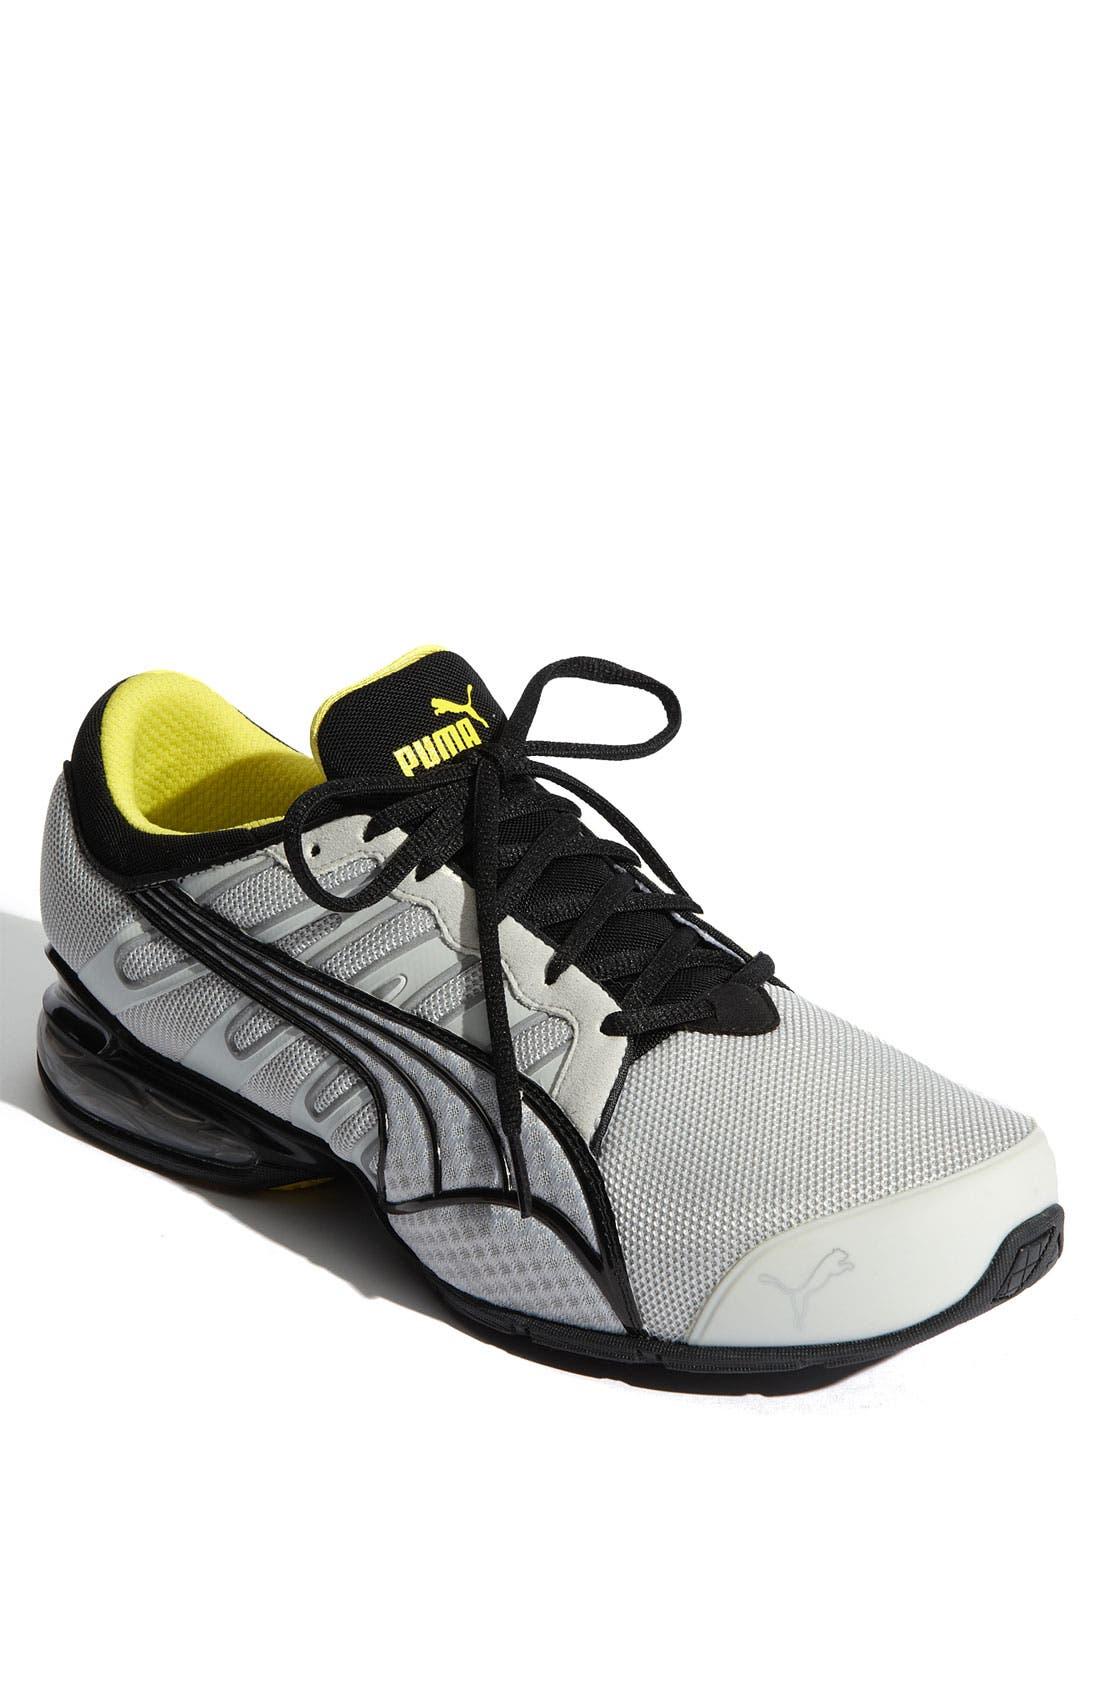 Alternate Image 1 Selected - PUMA 'Voltaic 3' Sneaker (Men)